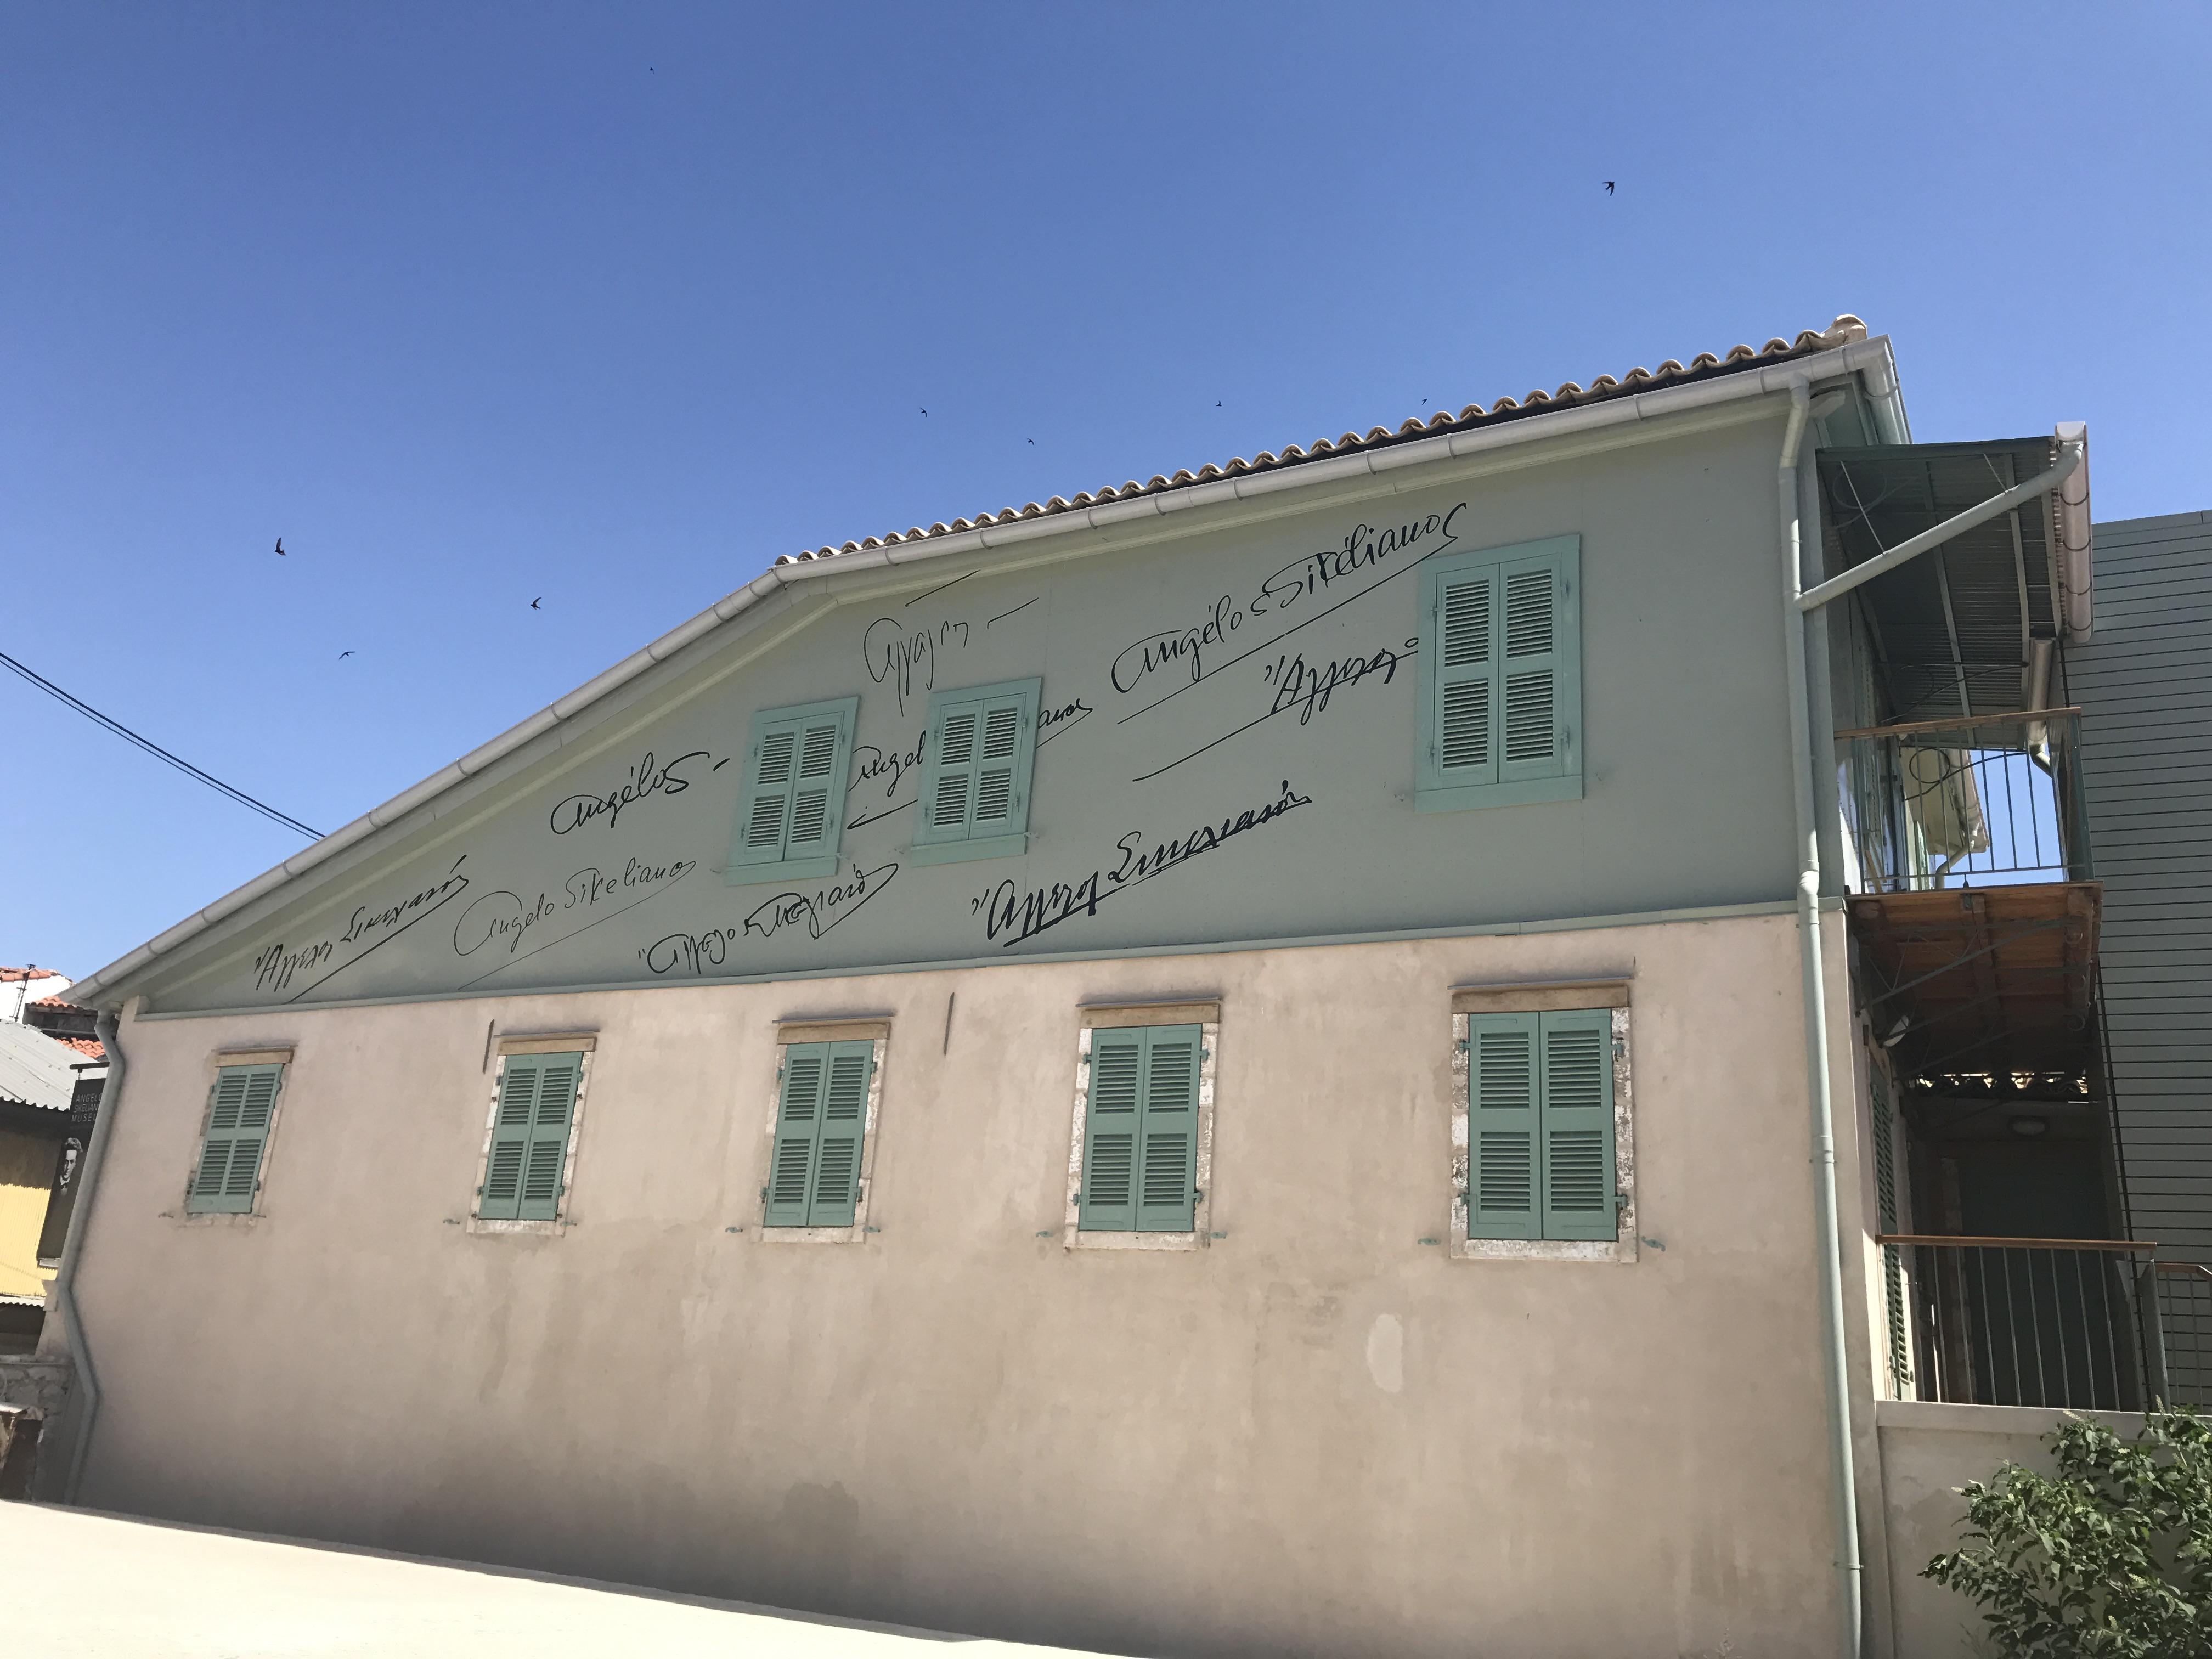 Ανακαίνιση στο μουσείο Άγγελου Σικελιανού στη Λευκάδα